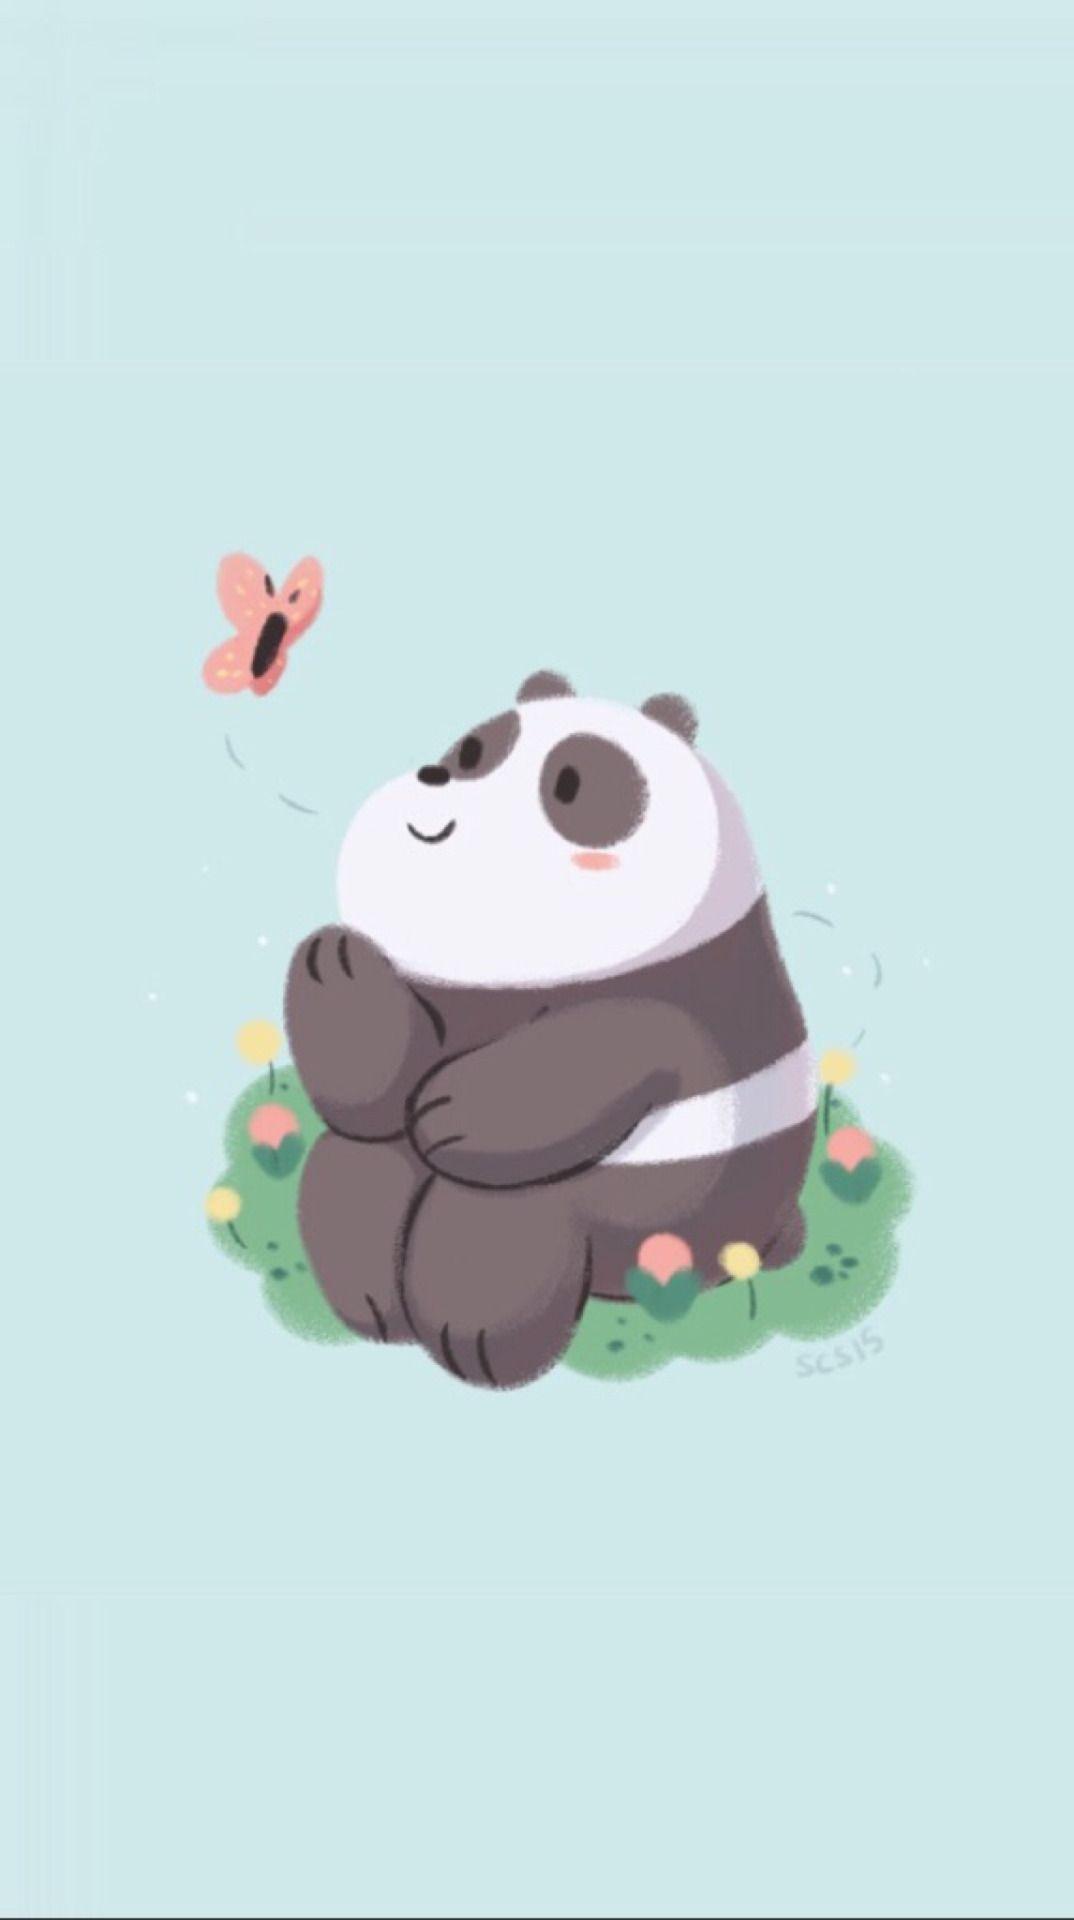 Wallpapers Tumblr Panda Wallpaper Cave